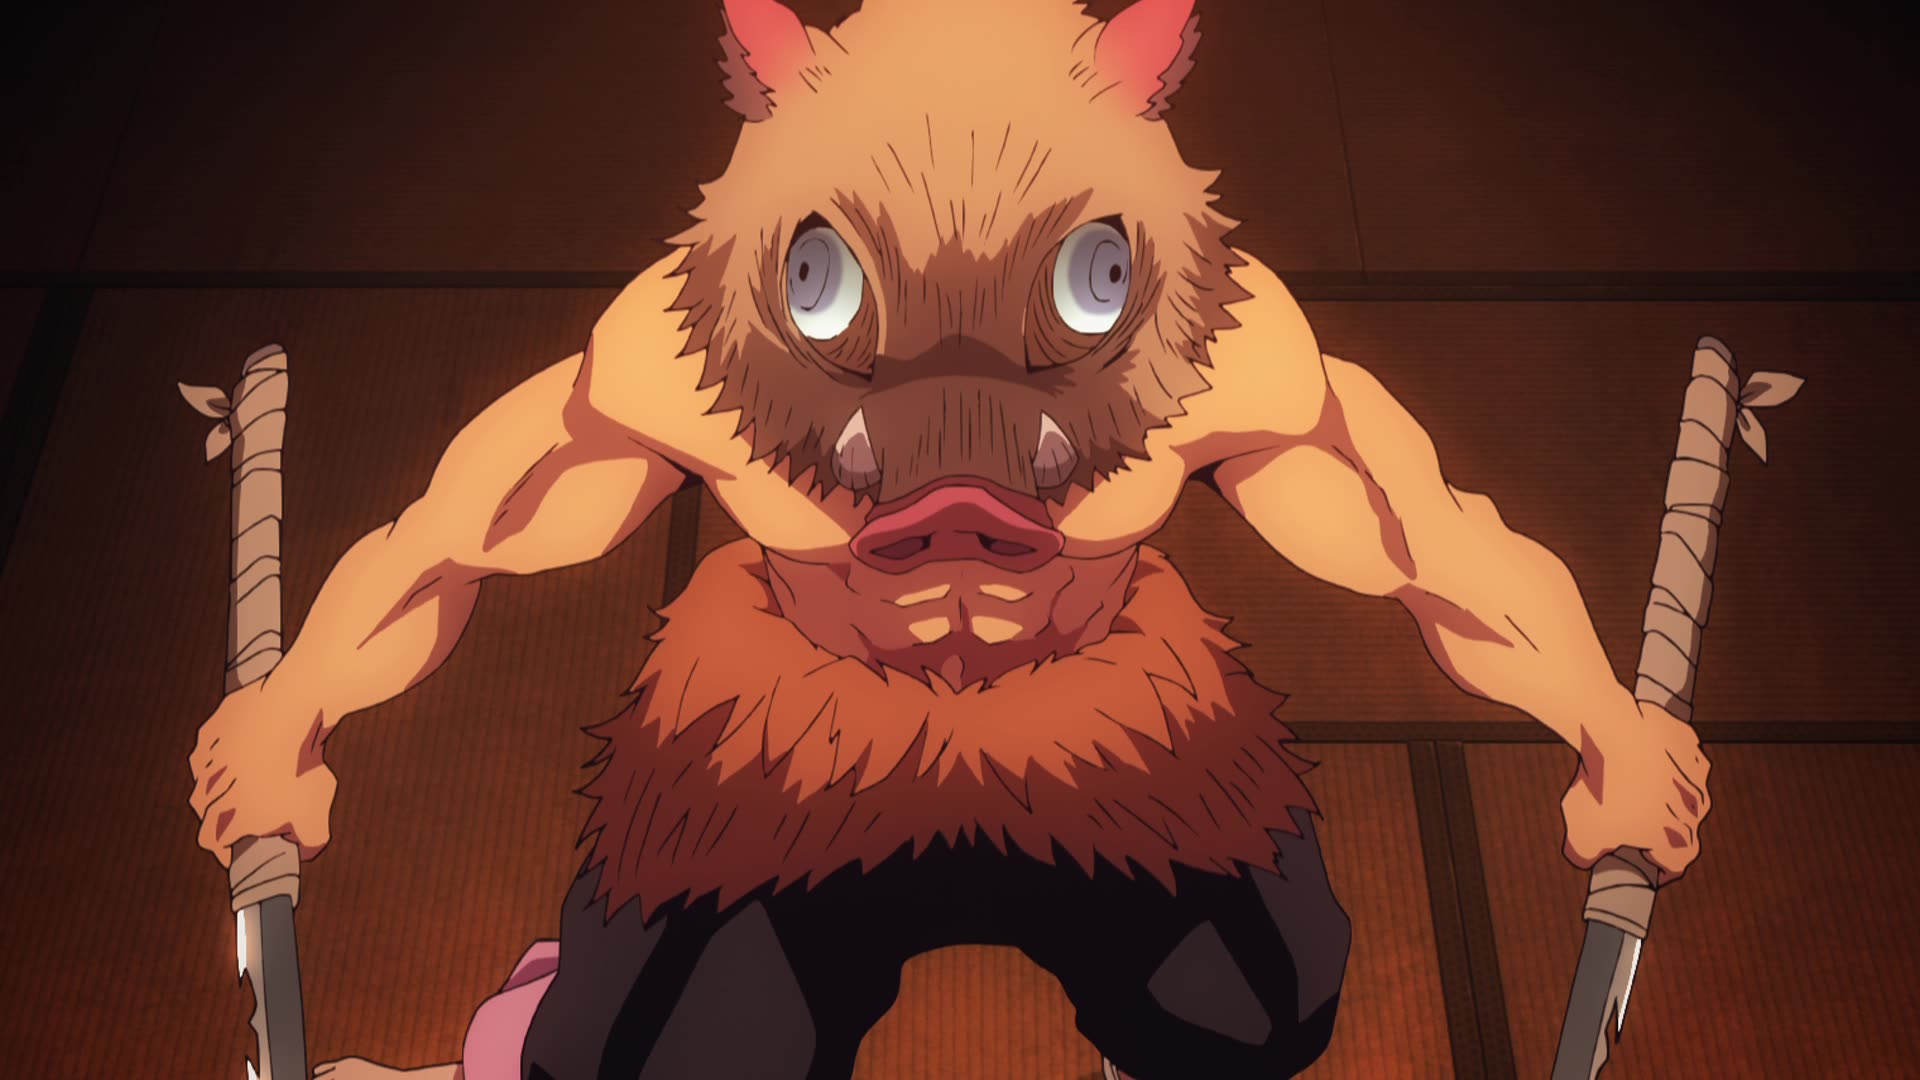 Demon Slayer: Kimetsu no Yaiba Episode 12, The Boar Bares